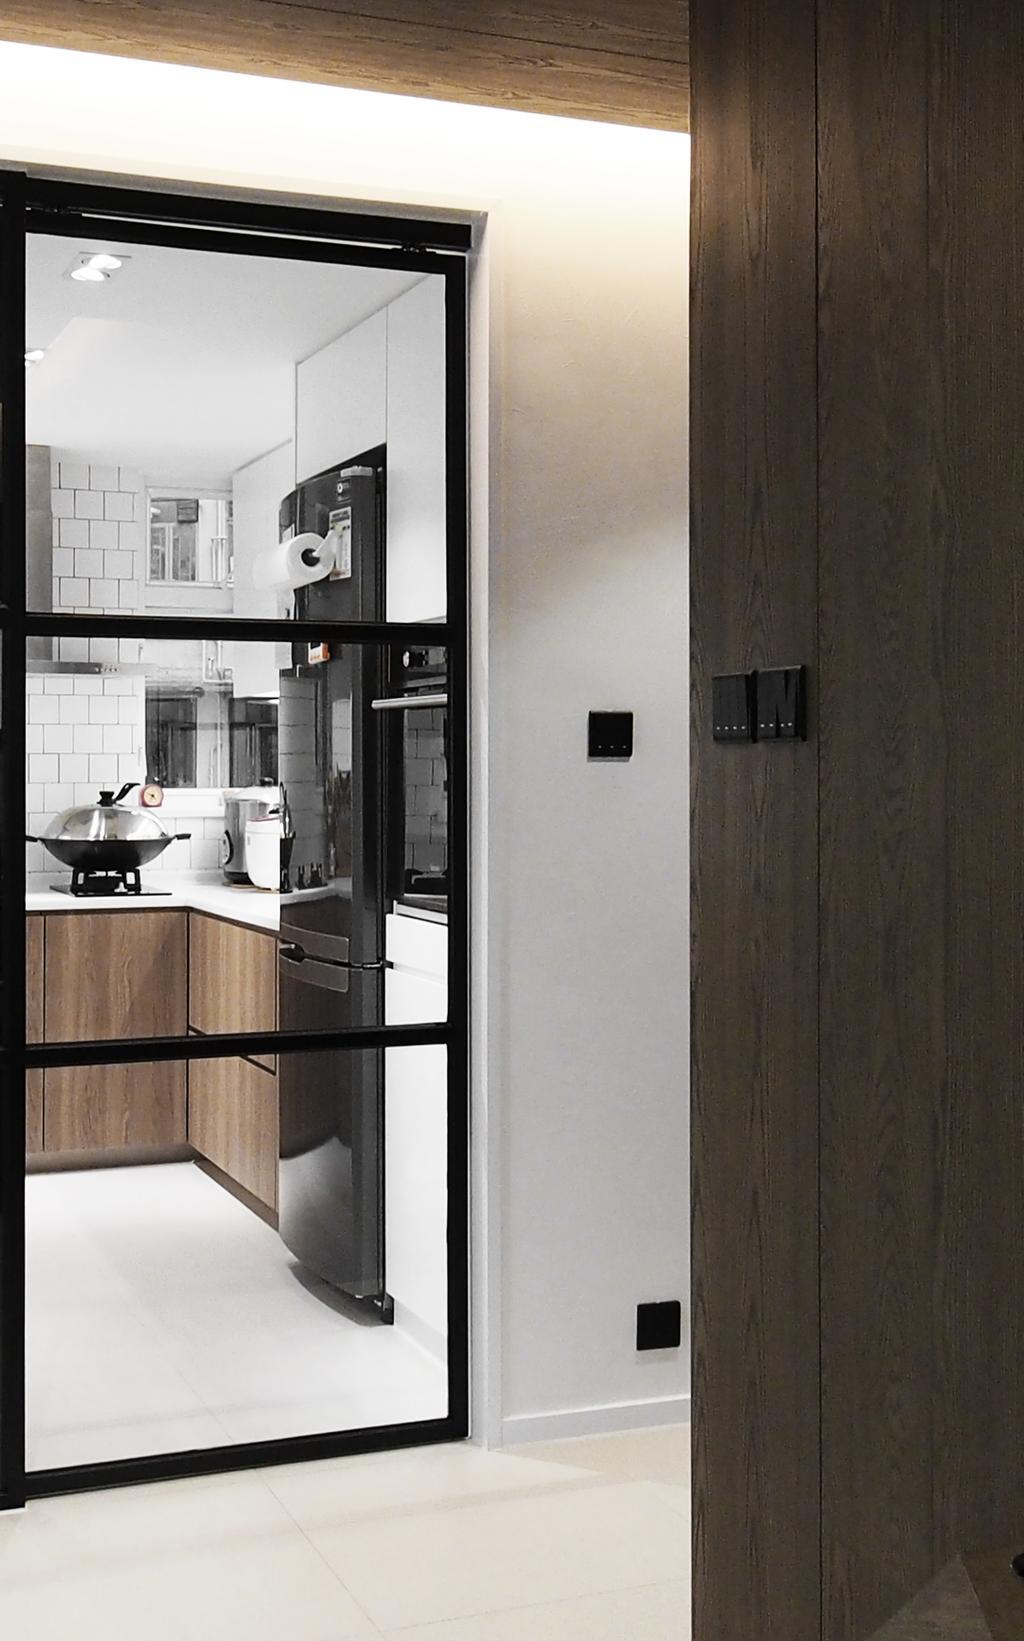 摩登, 私家樓, 廚房, 榮英大廈, 室內設計師, N'creative